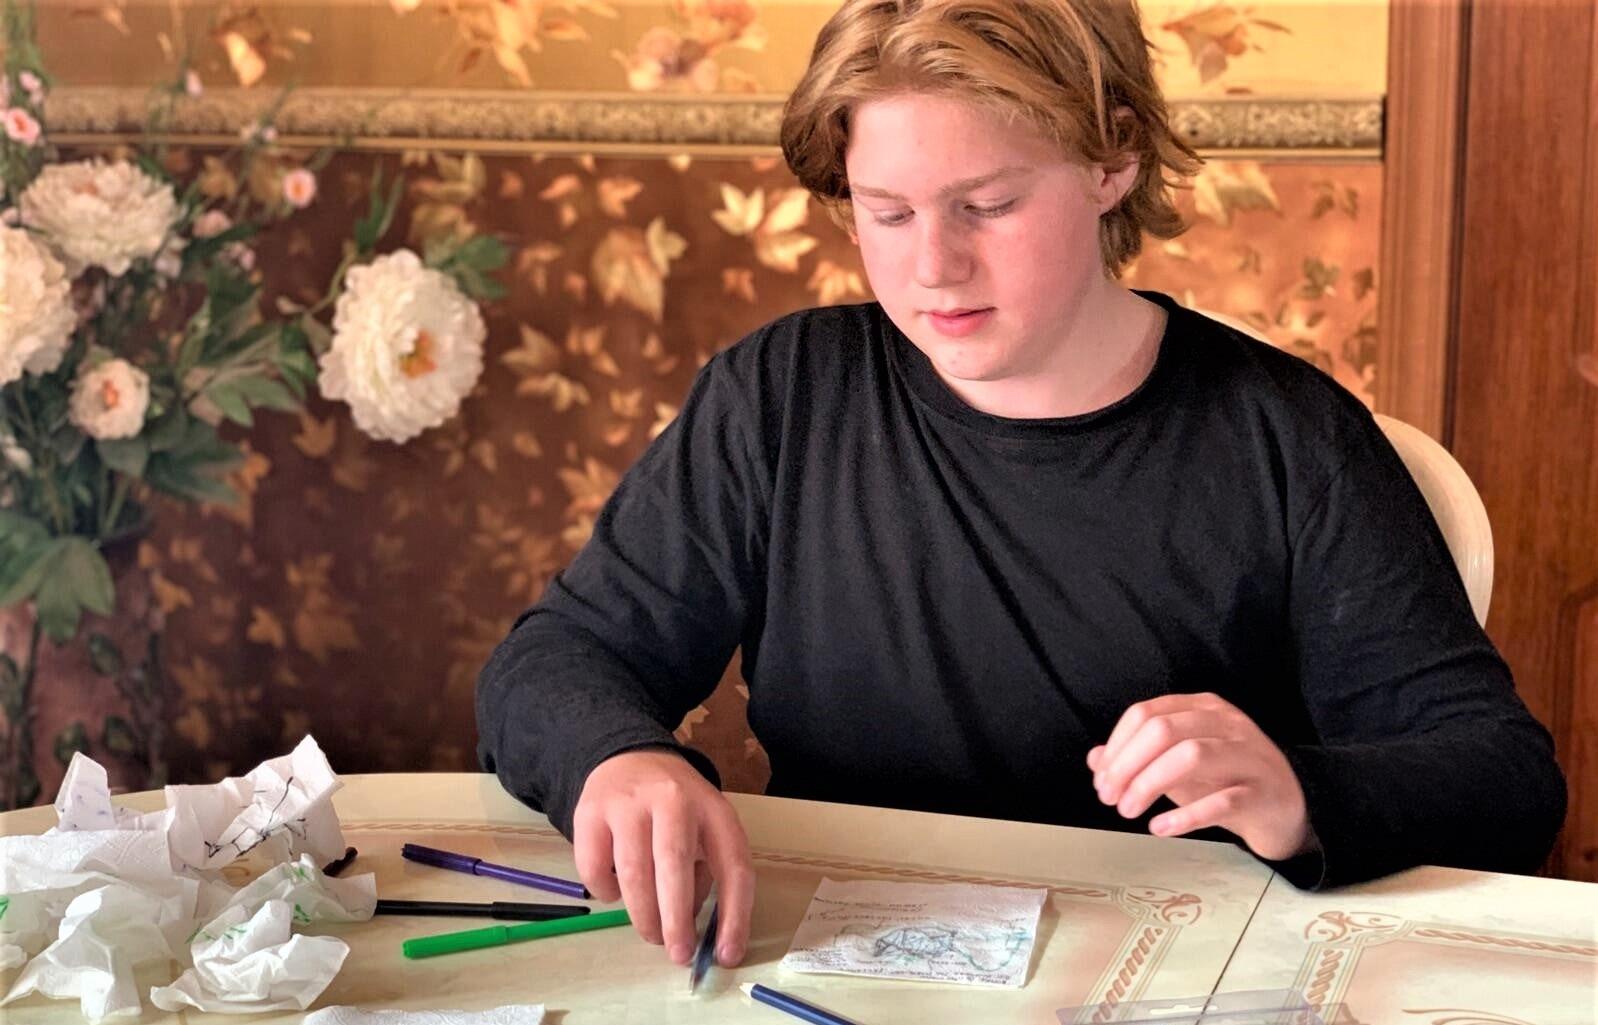 13-летний вундеркинд из Ярославля стал преподавателем и готовится стать бизнесменом